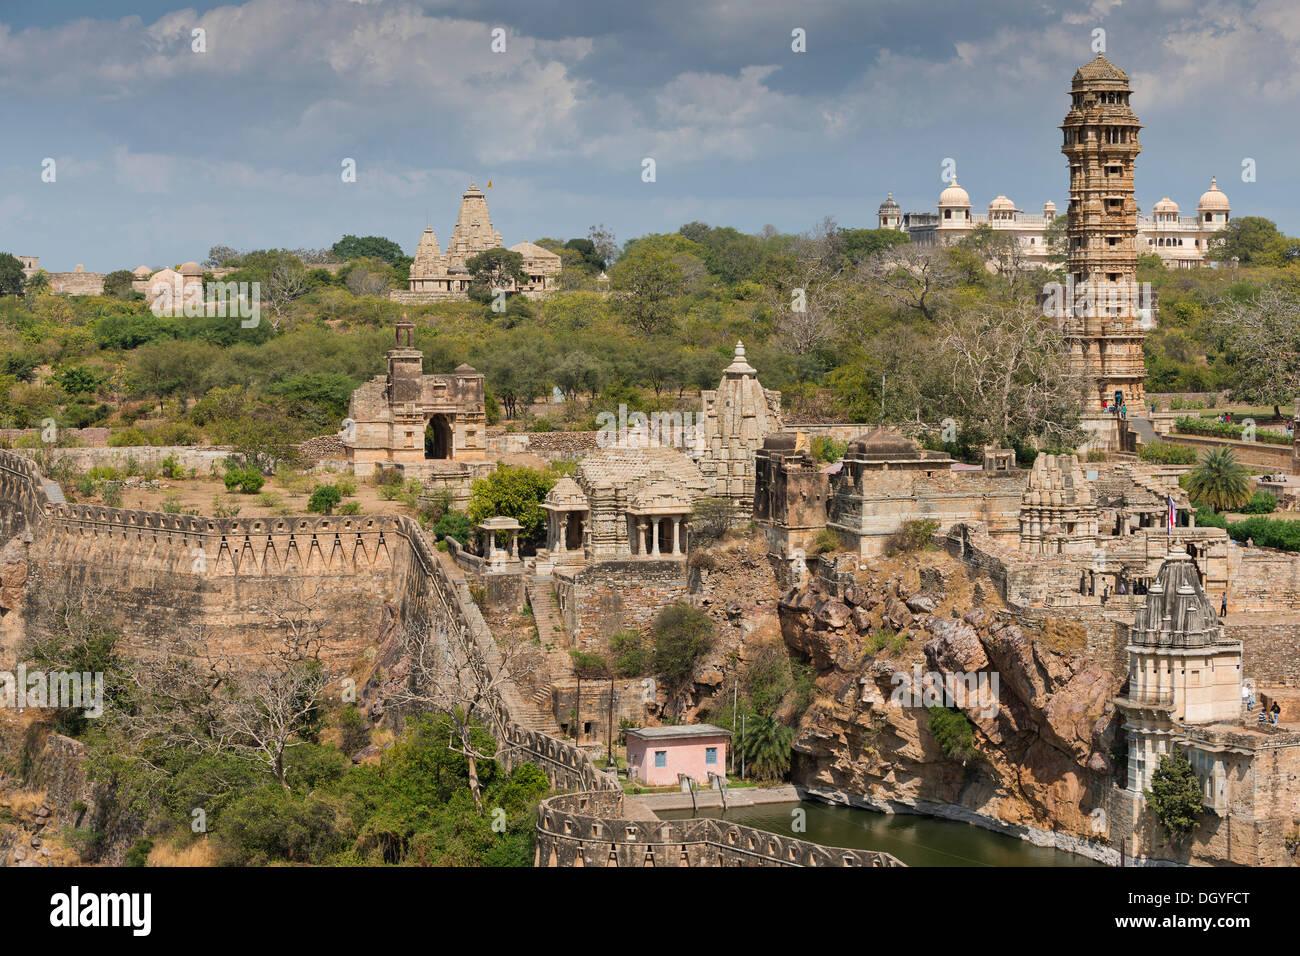 Mura fortificate, Chittorgarh Fort degli Indù Rajput capi con un tempio complesso e Vijaya Stambha, una vittoria a torre costruito Immagini Stock